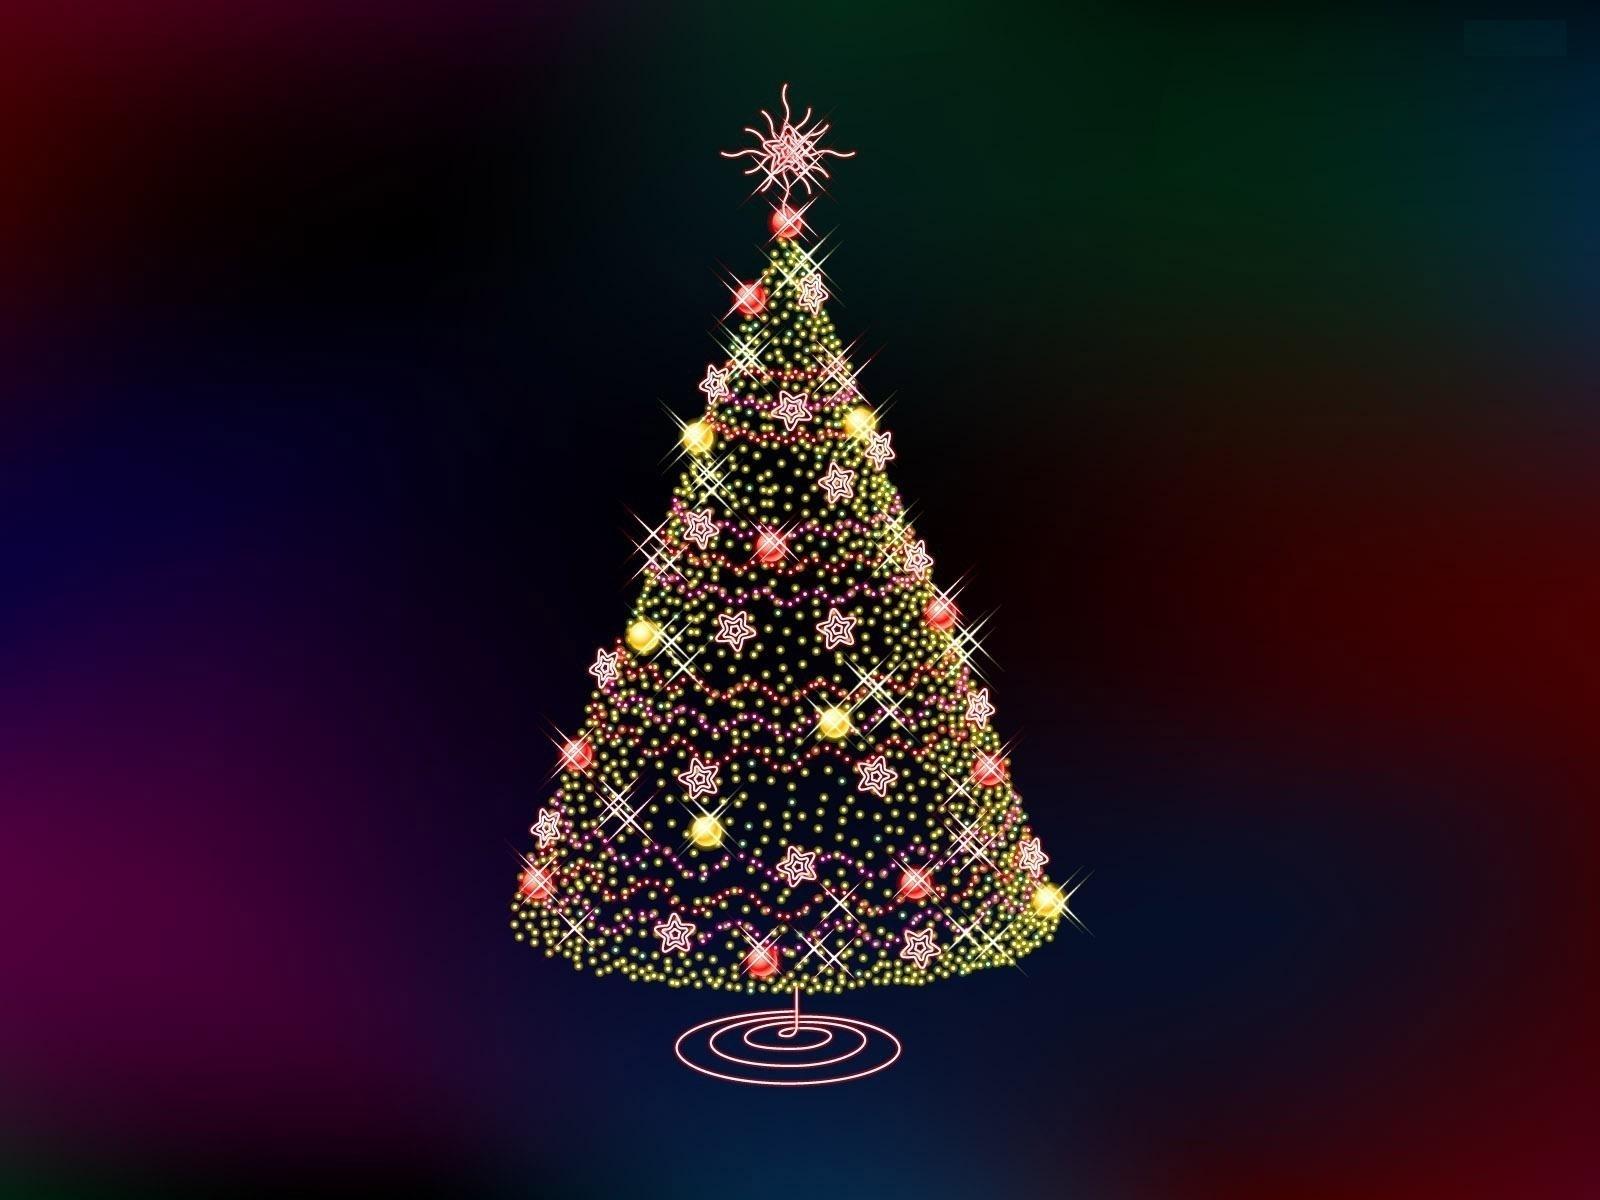 2197 скачать обои Праздники, Деревья, Новый Год (New Year), Елки, Рождество (Christmas, Xmas), Рисунки - заставки и картинки бесплатно